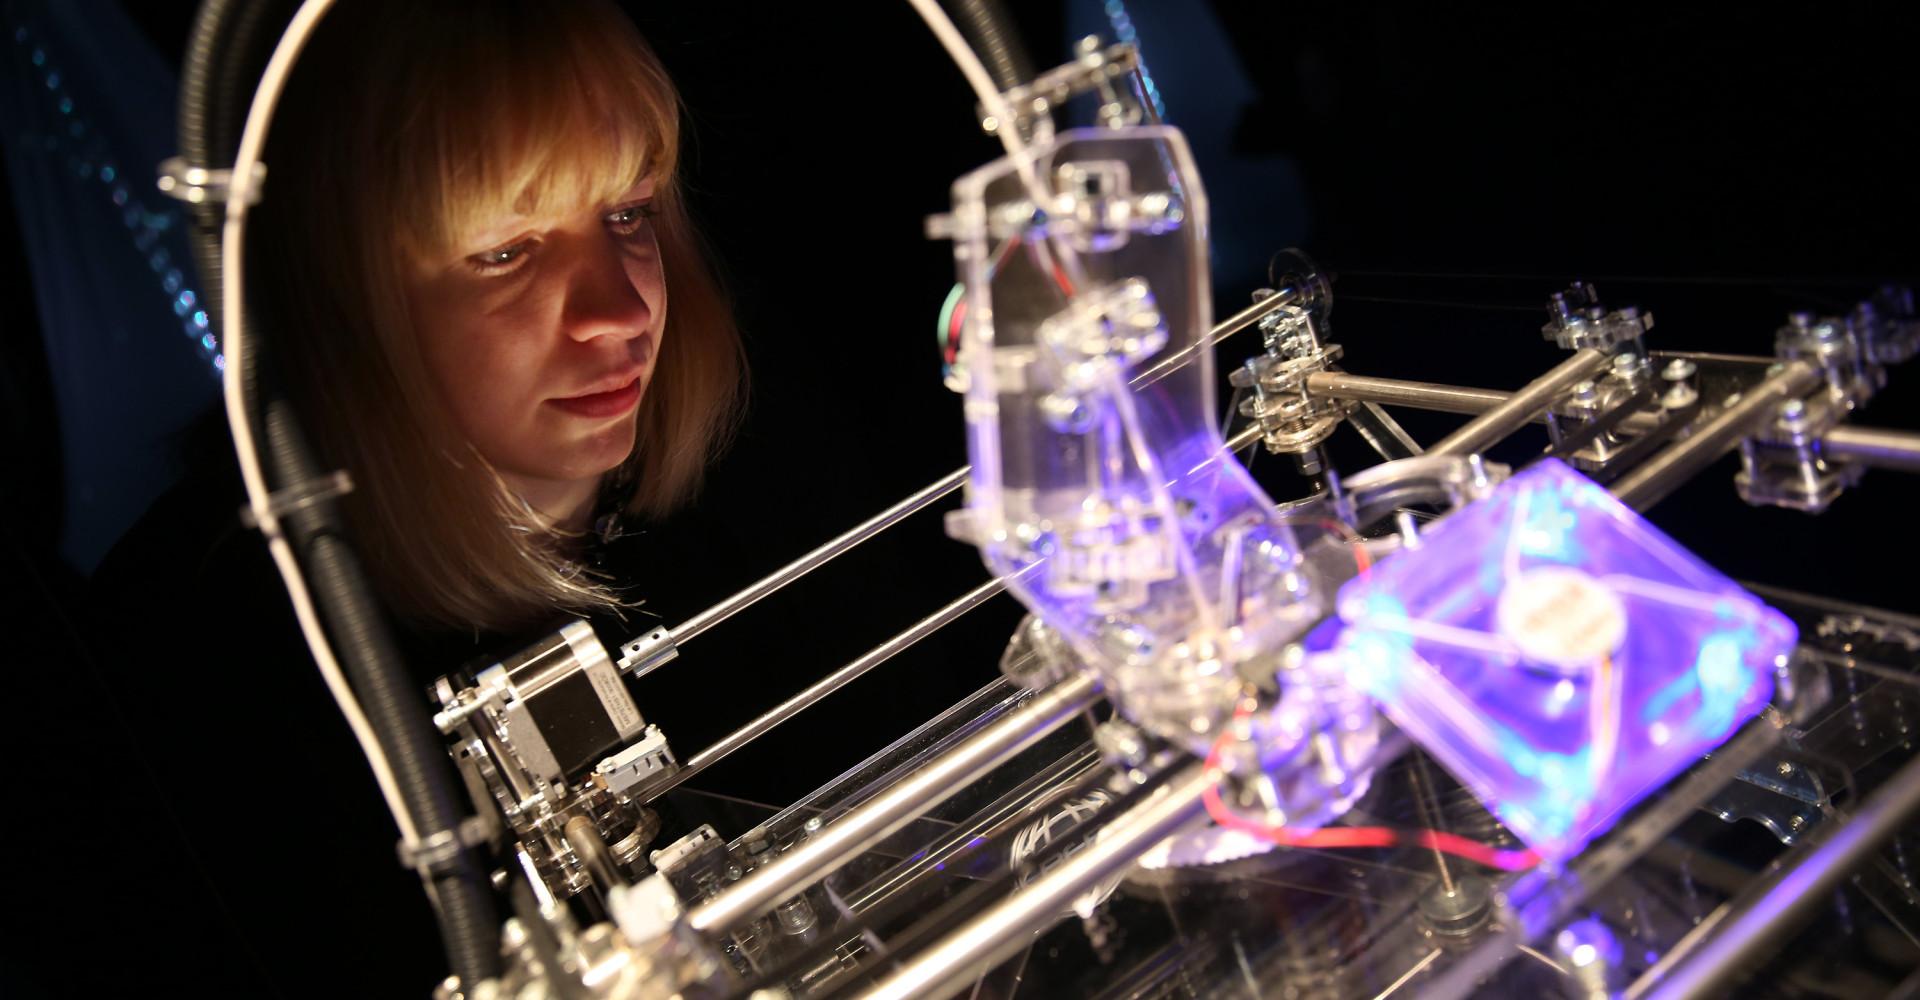 Wetenschappers hebben juwelen uitgevonden die van kleur kunnen veranderen